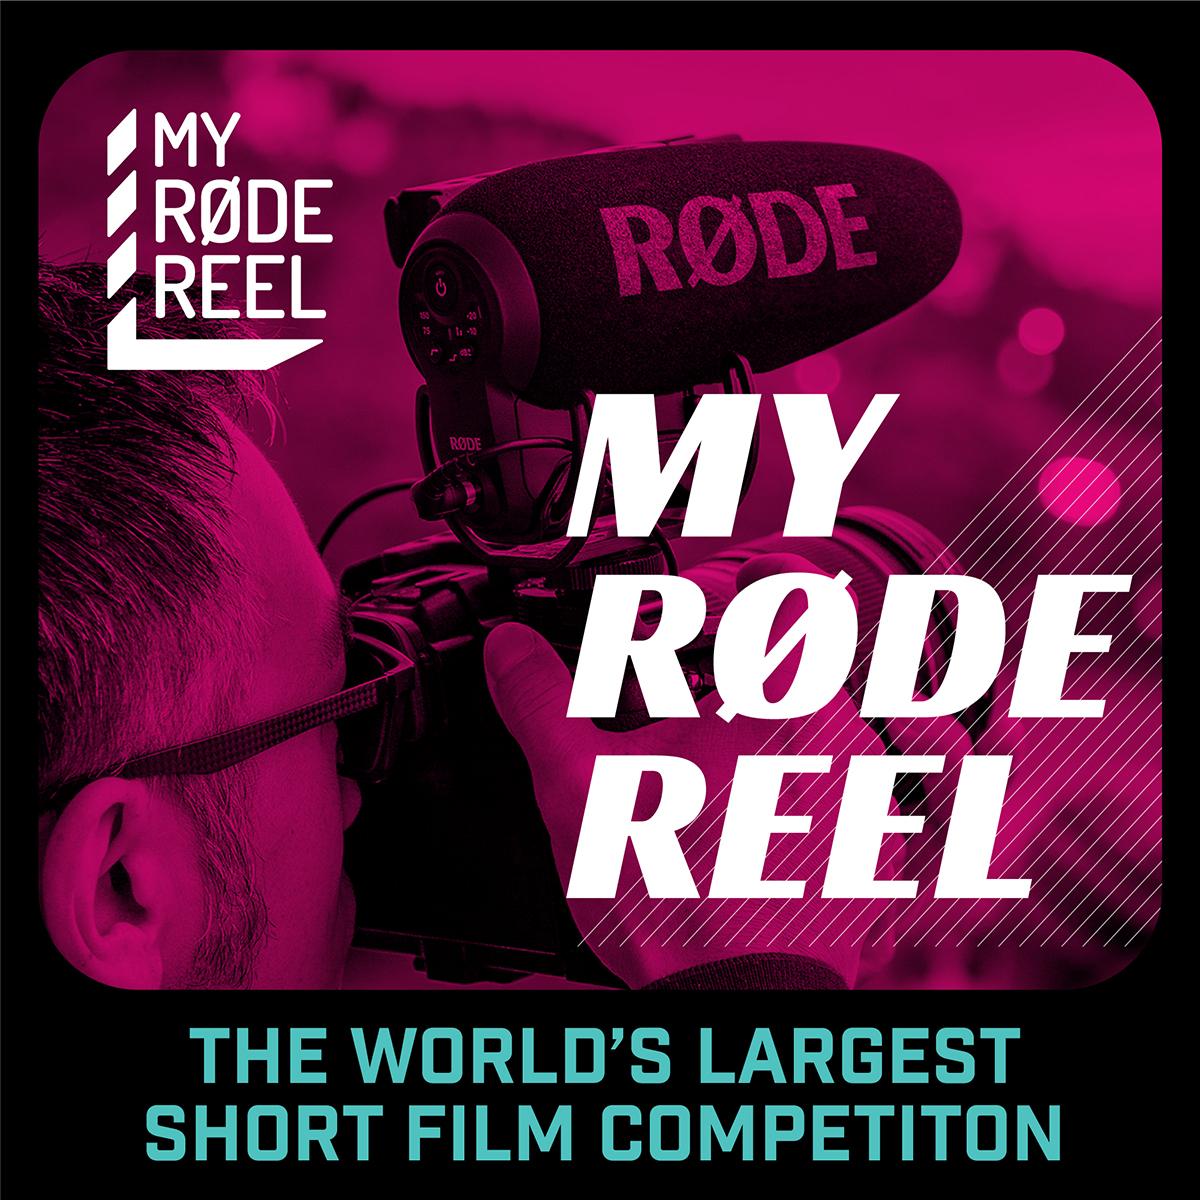 My RØDE Reel Short Film Competition